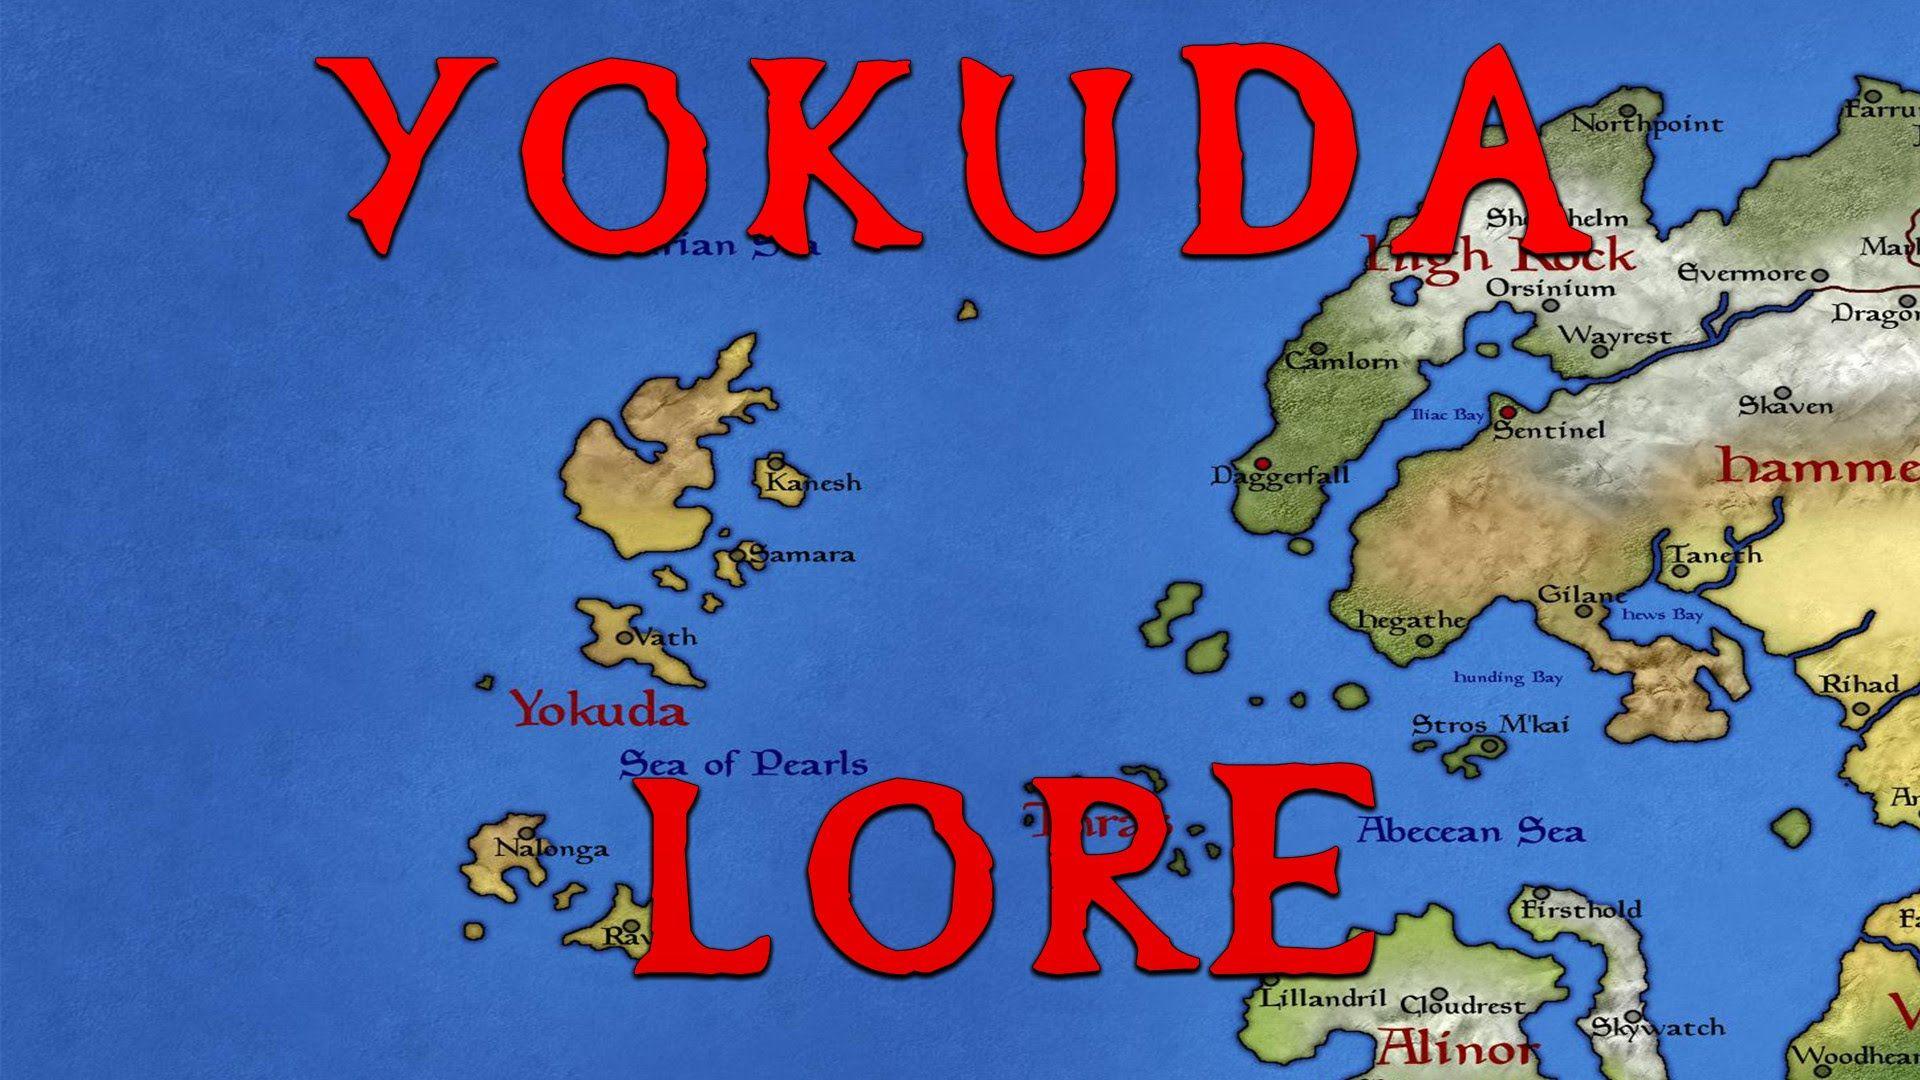 Yokuda - What Is It Like? Elder Scrolls Lore #games #Skyrim #elderscrolls #BE3 #gaming #videogames #Concours #NGC